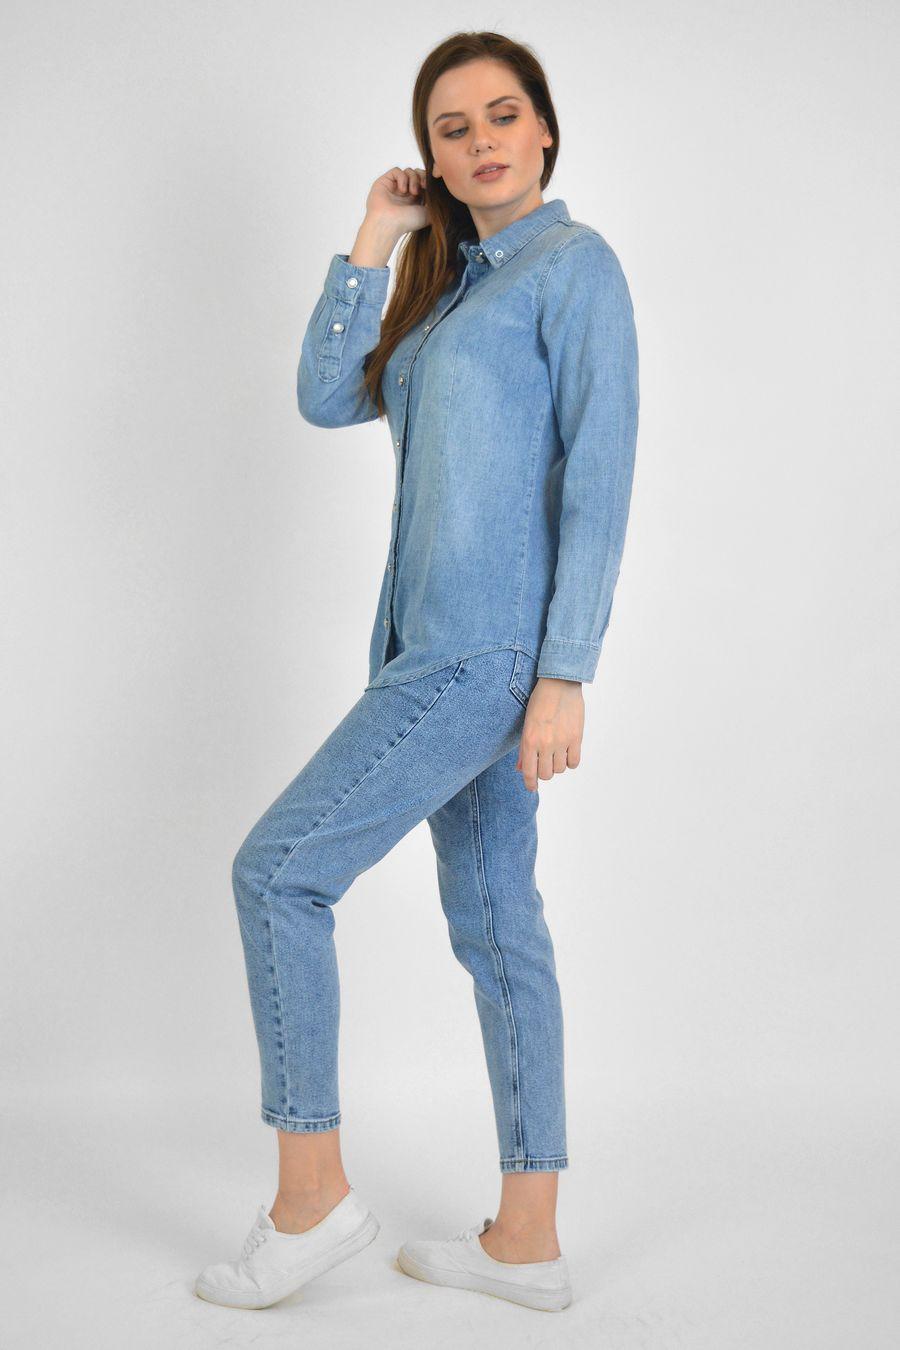 Рубашка женская Baccino 9677 джинсовая - фото 3